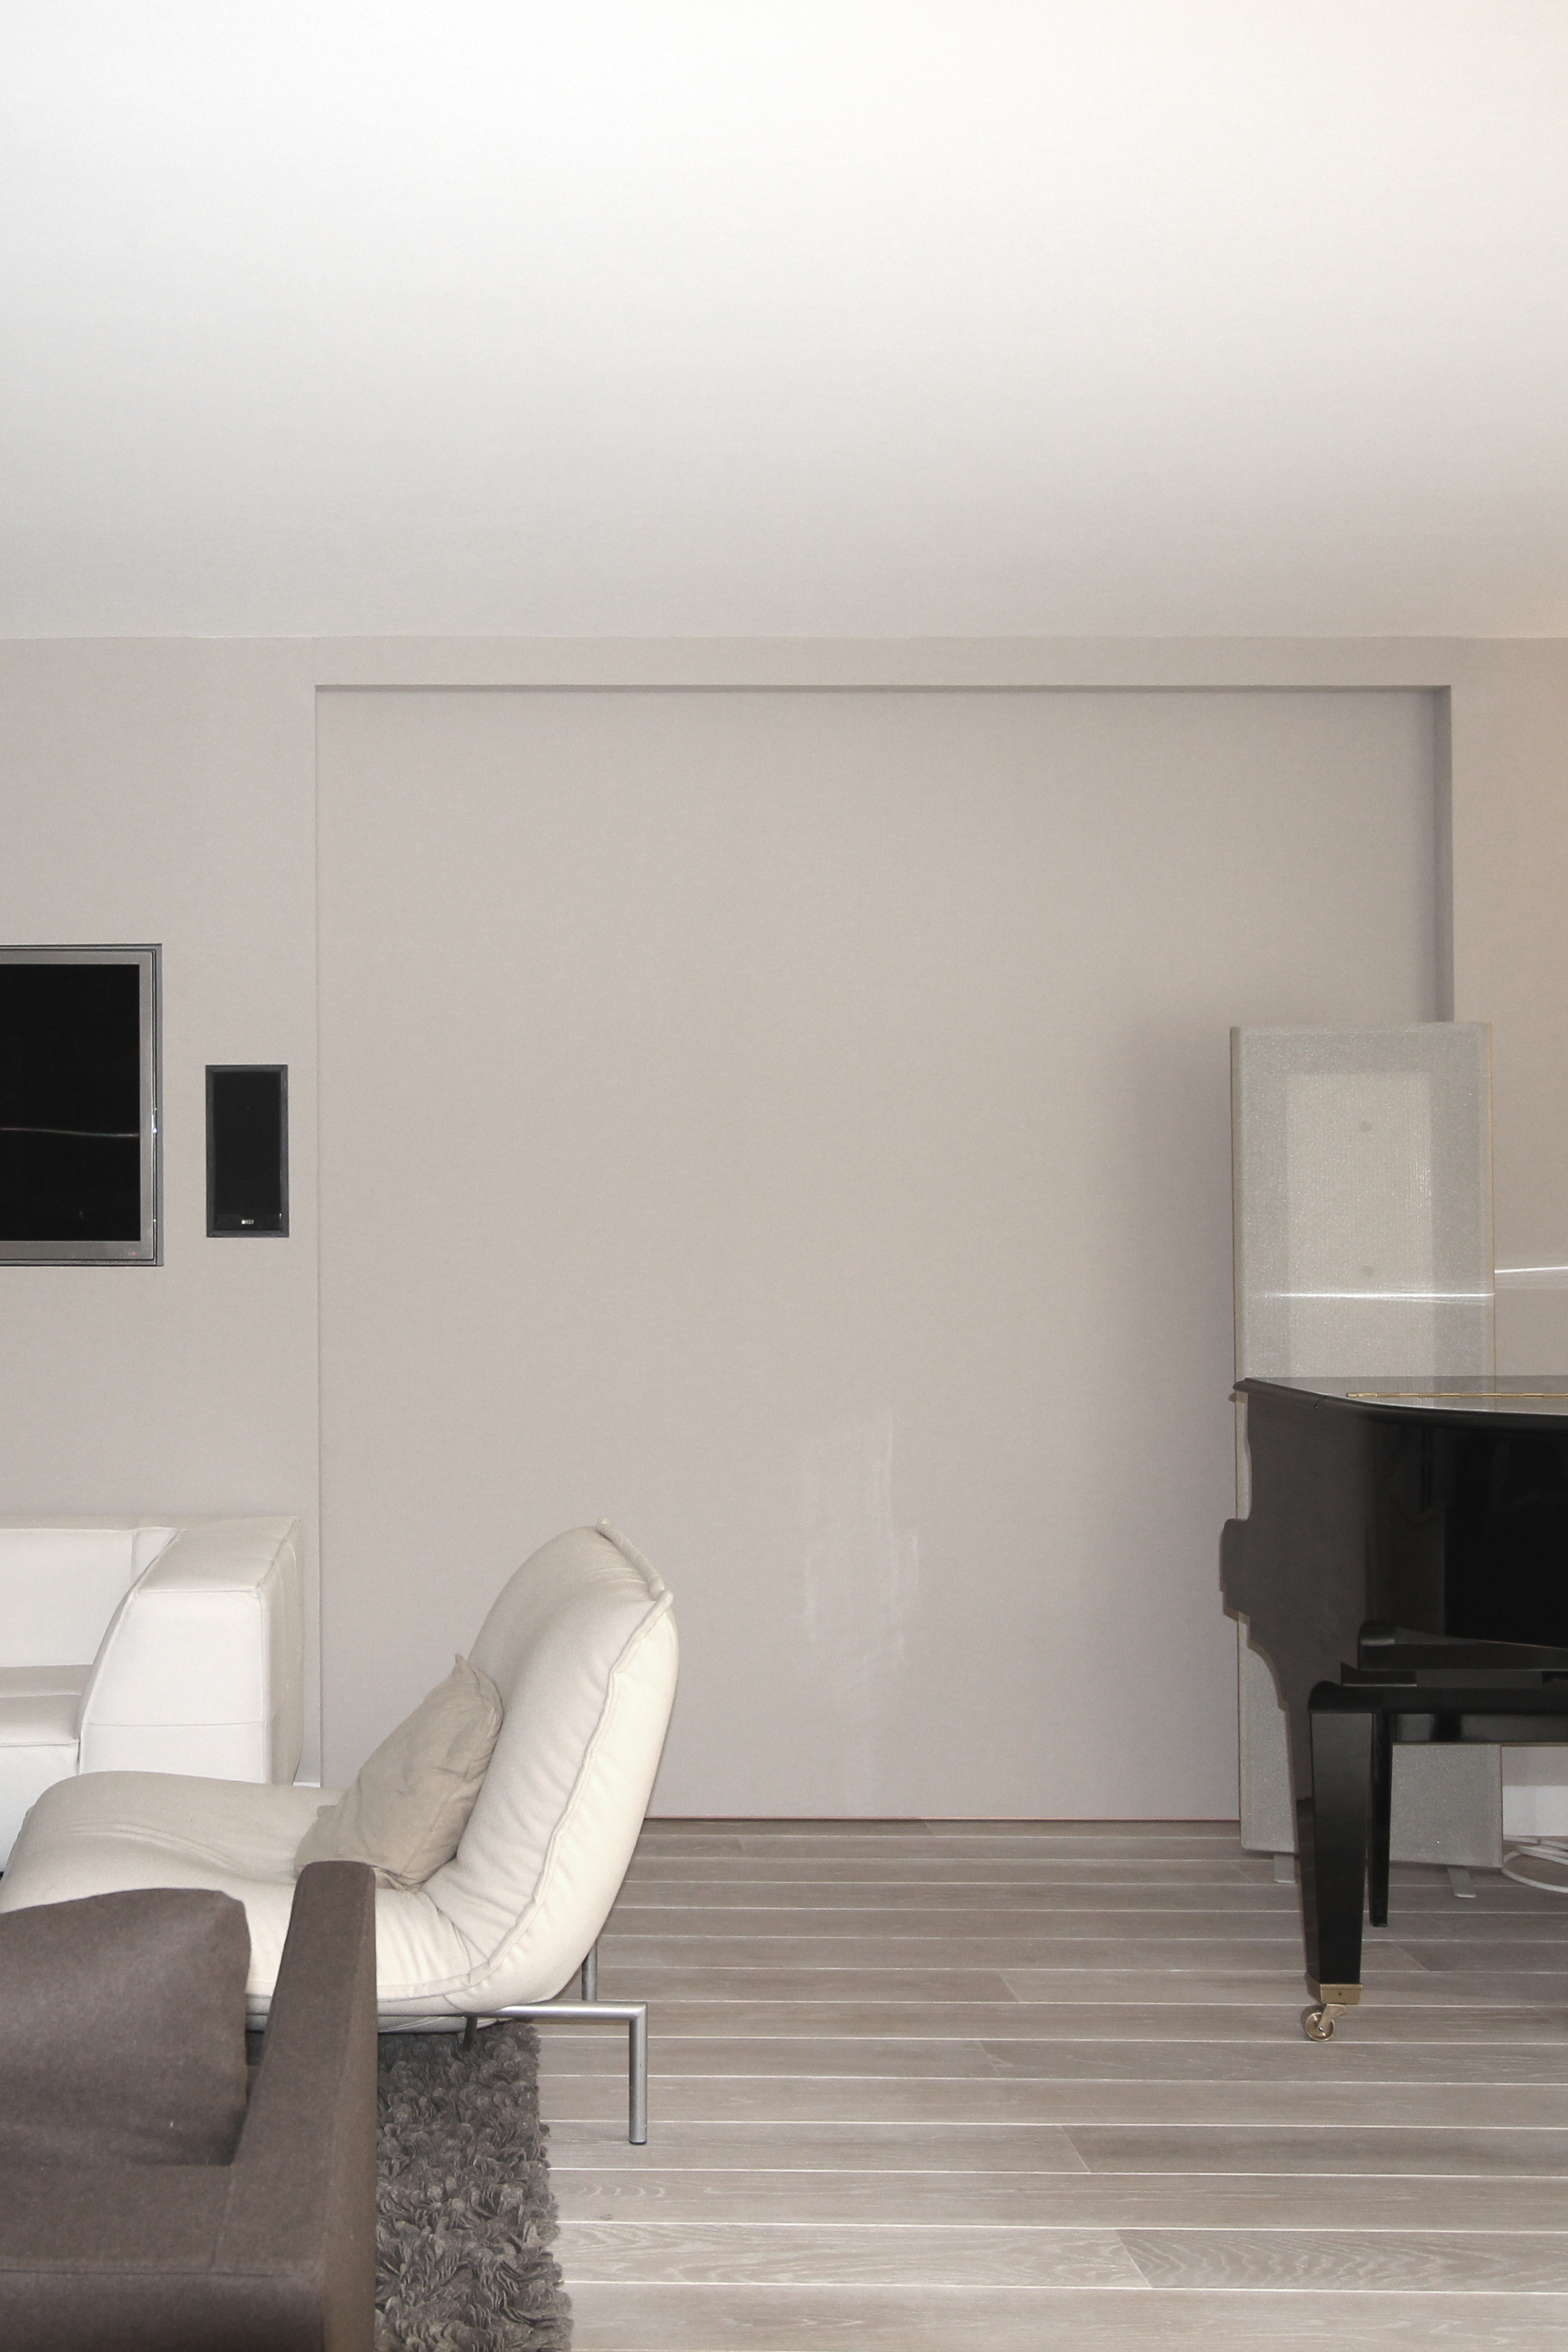 vue de la porte coulissante ferm e. Black Bedroom Furniture Sets. Home Design Ideas